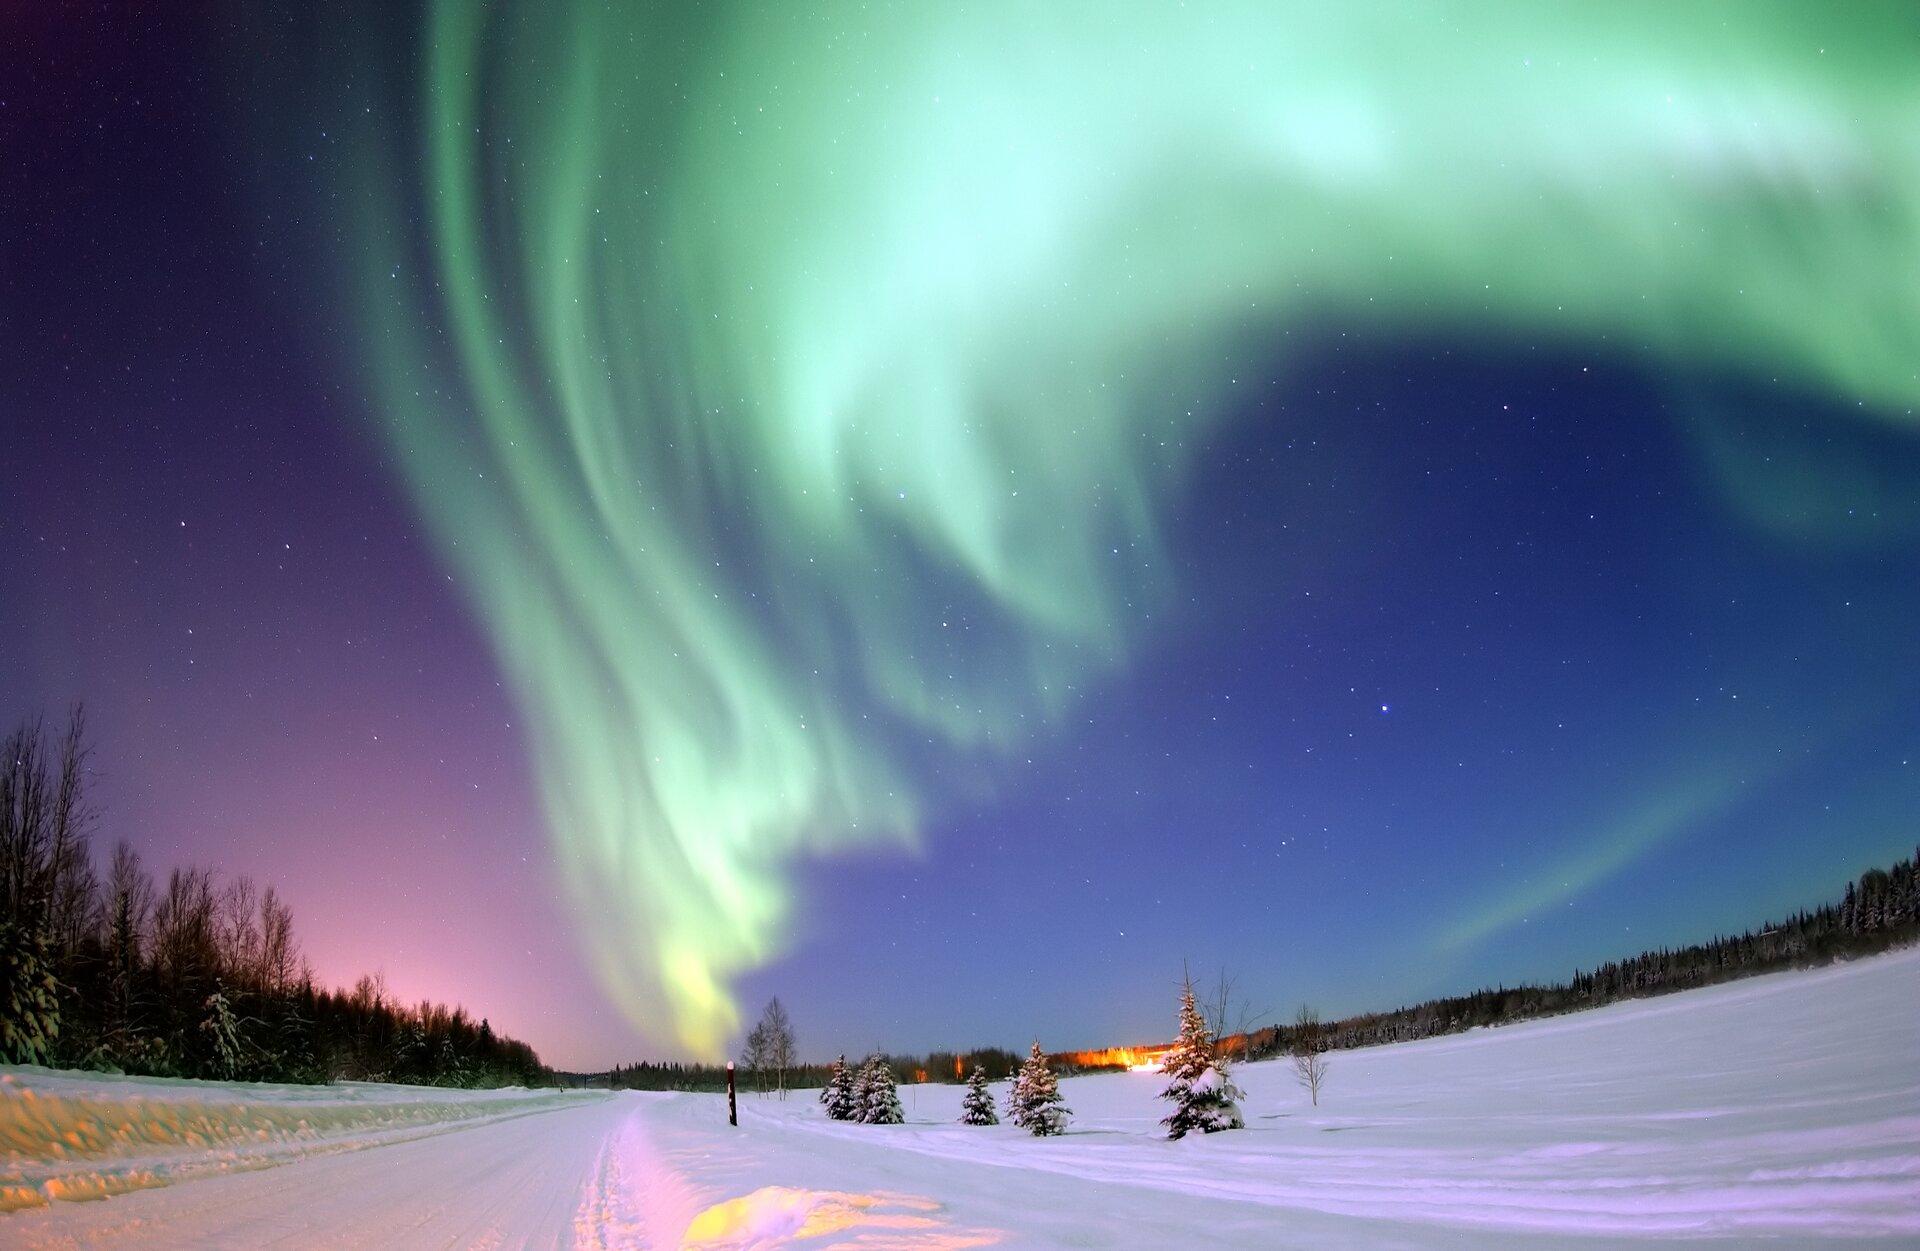 Zdjęcie przedstawia zorzę polarną nad pokrytą śniegiem drogą, okolicznymi lasami ipolami. Ilustracja stanu plazmy.